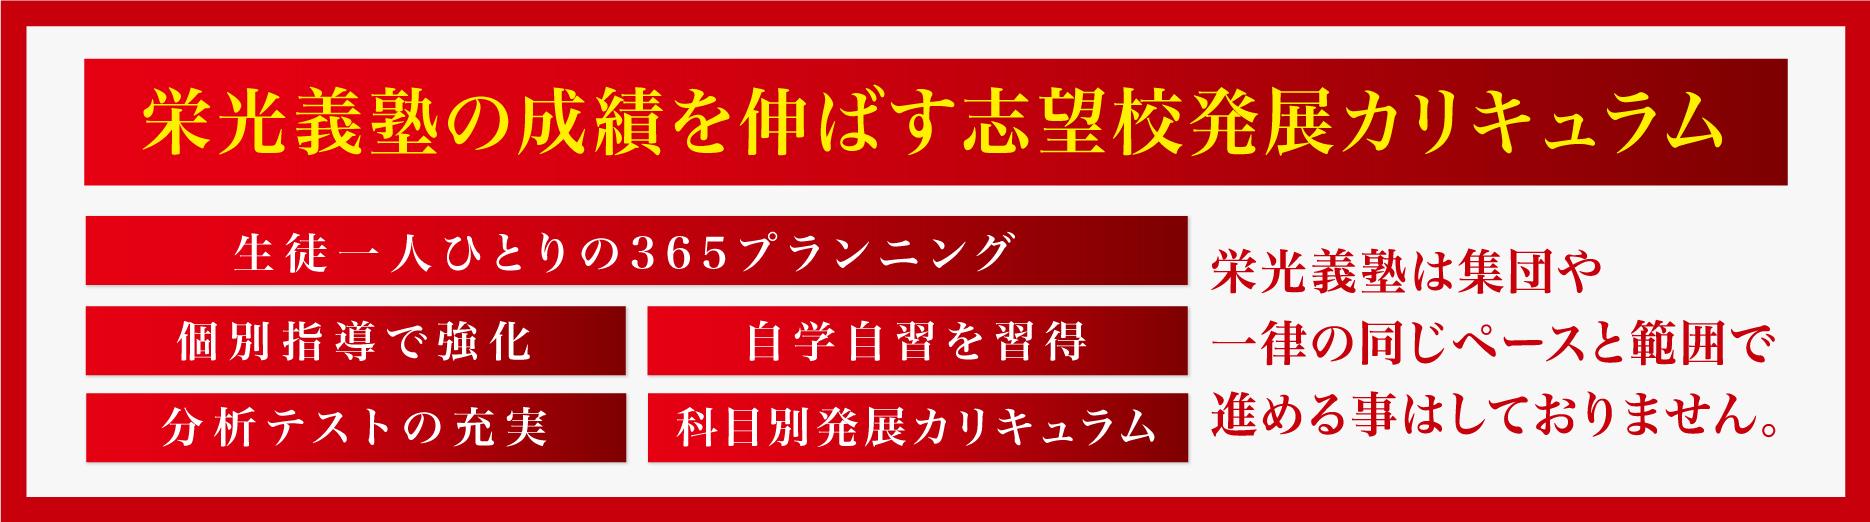 塾に通った事が無い生徒、塾を切り替える生徒が栄光義塾で受験勉強に取組んでいます!金沢、富山、岐阜